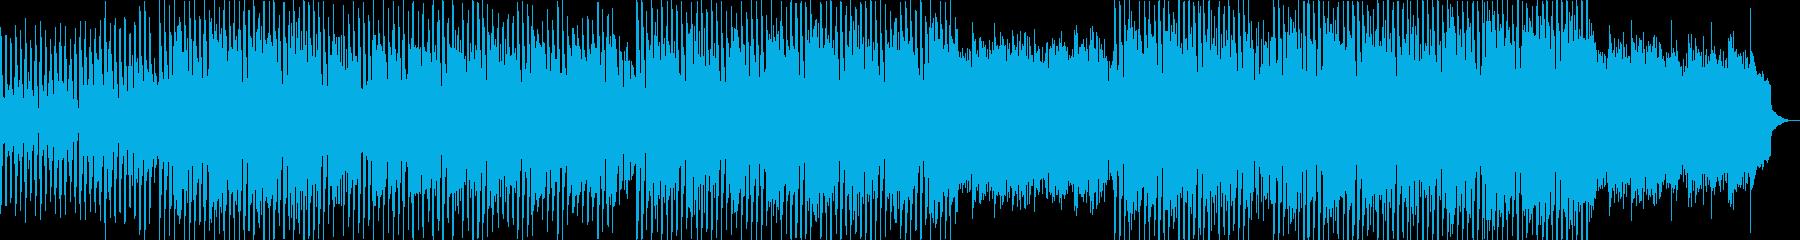 明るく穏やかなポップミュージックの再生済みの波形